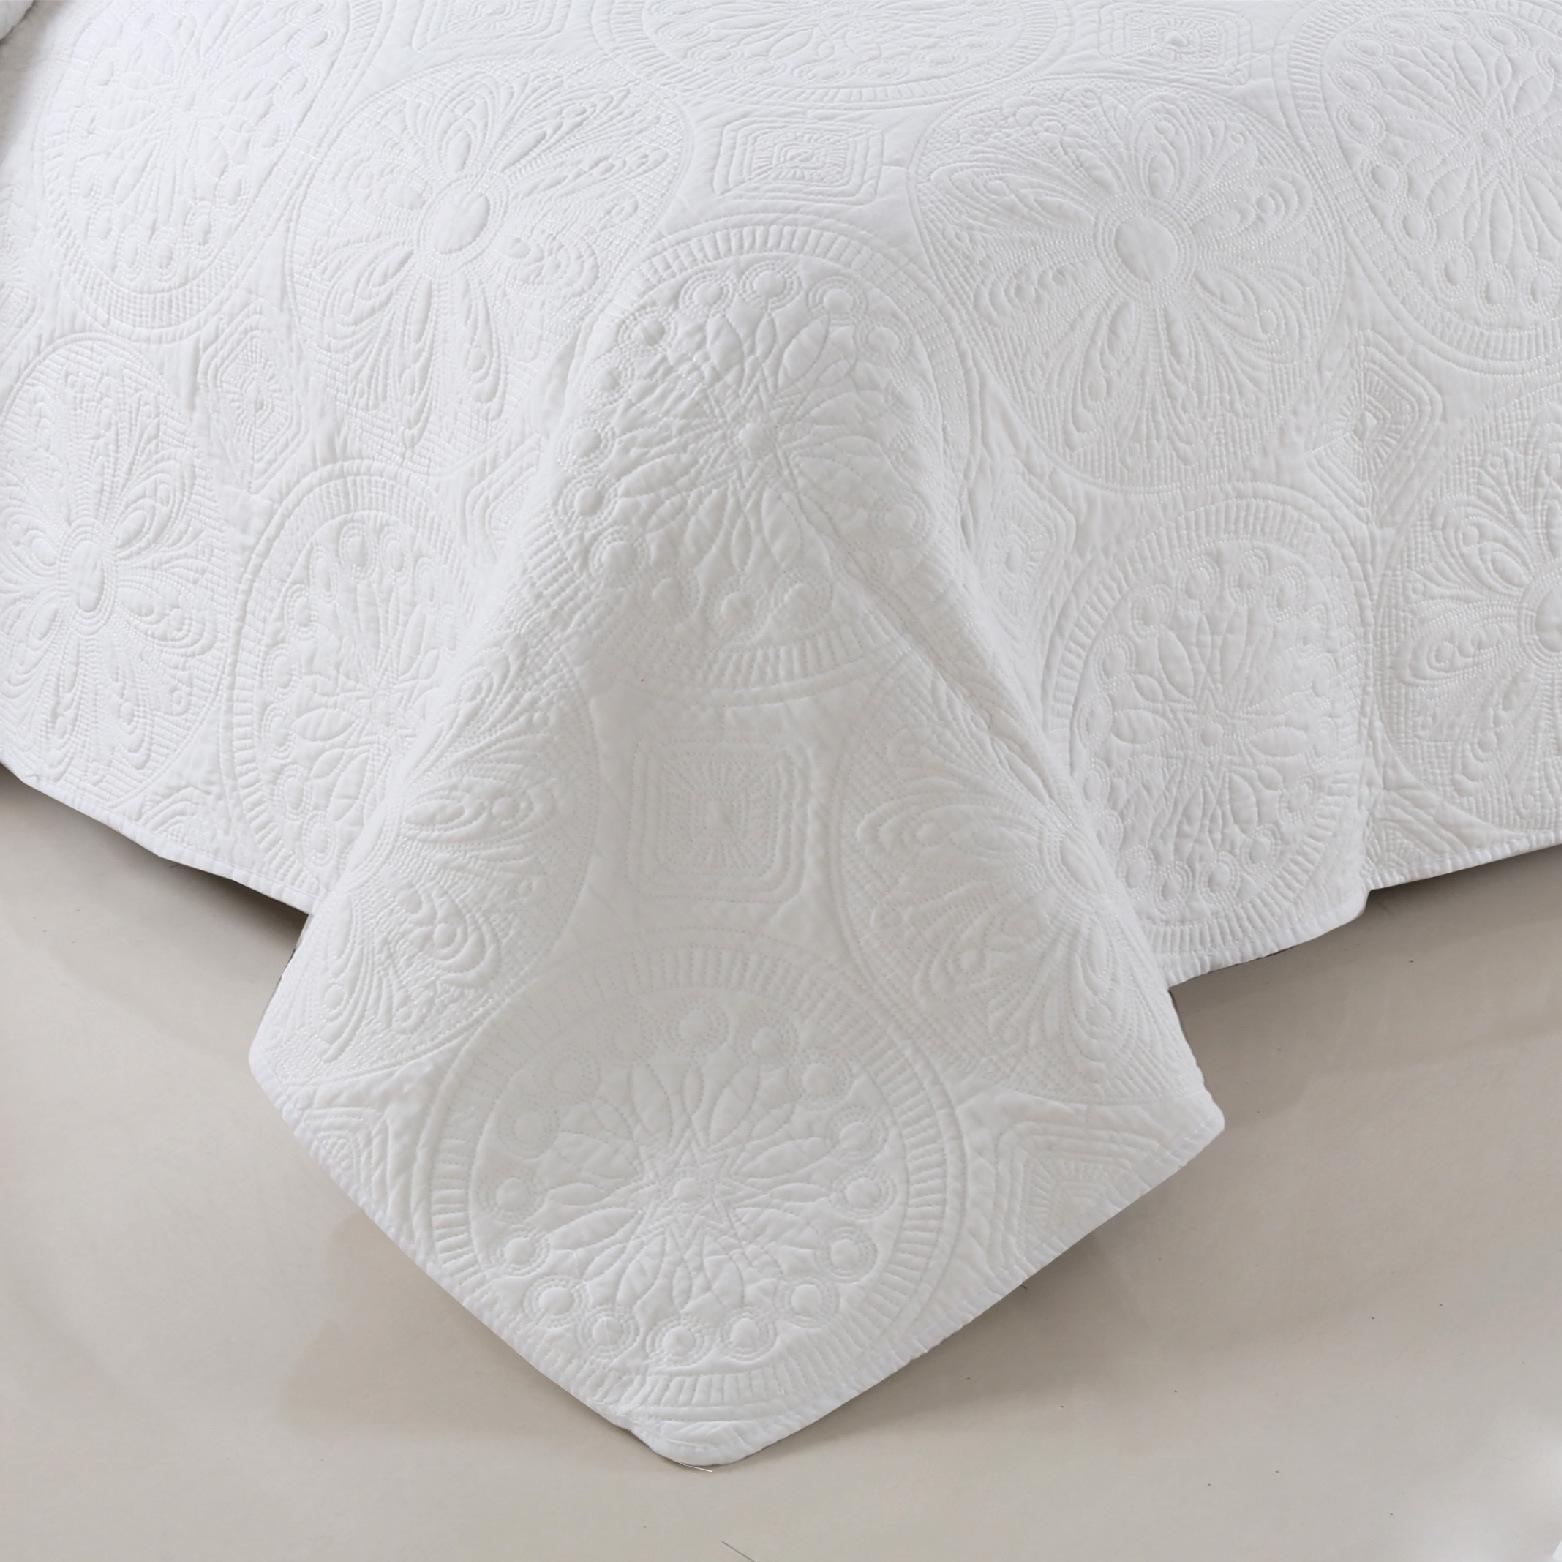 新款外贸简约素色绗缝被三件套欧美床盖式全棉绣花三件套